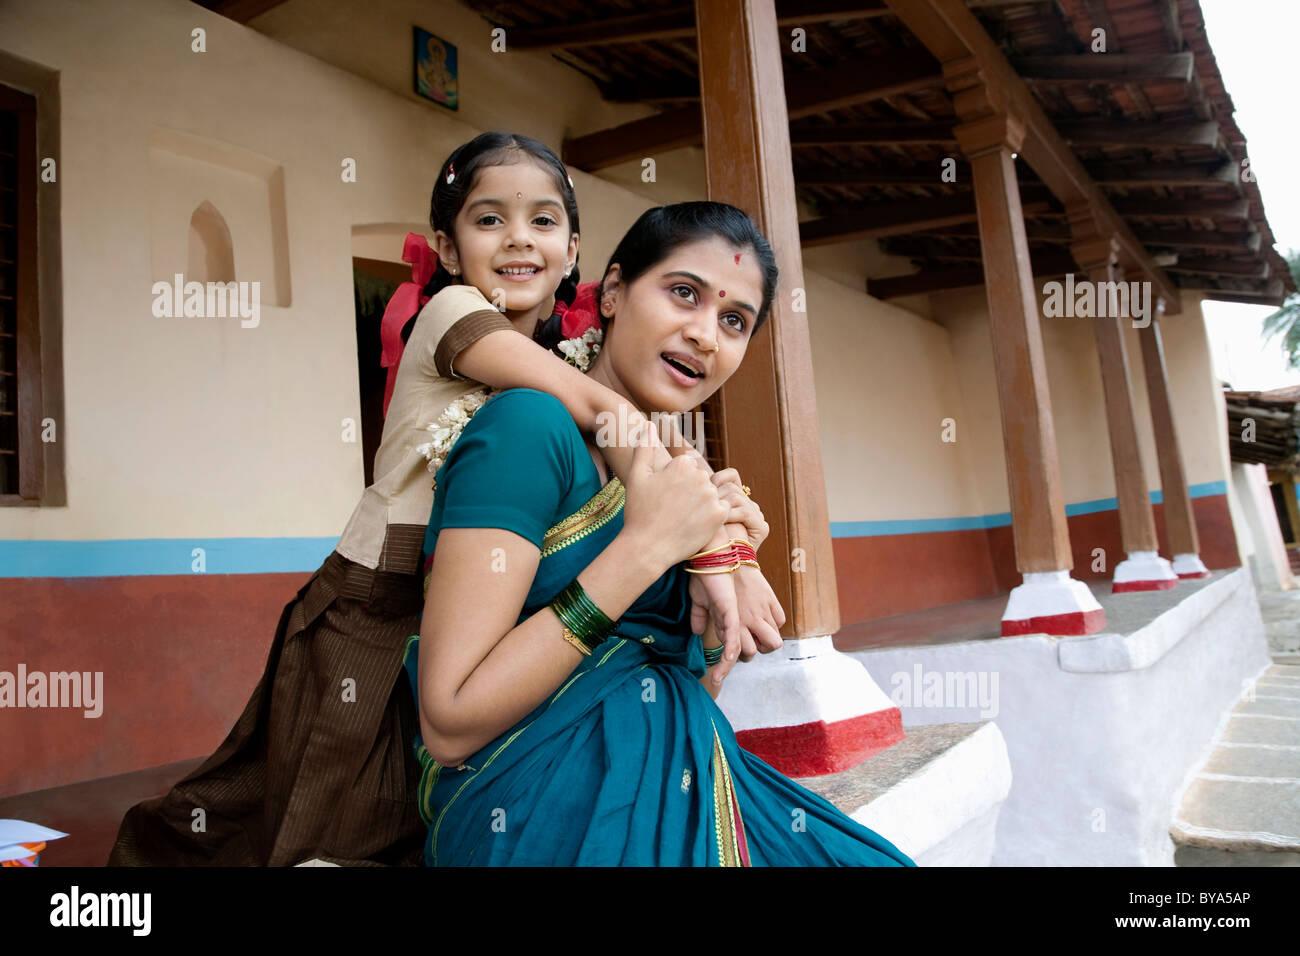 Ritratto di una ragazza e sua madre Immagini Stock